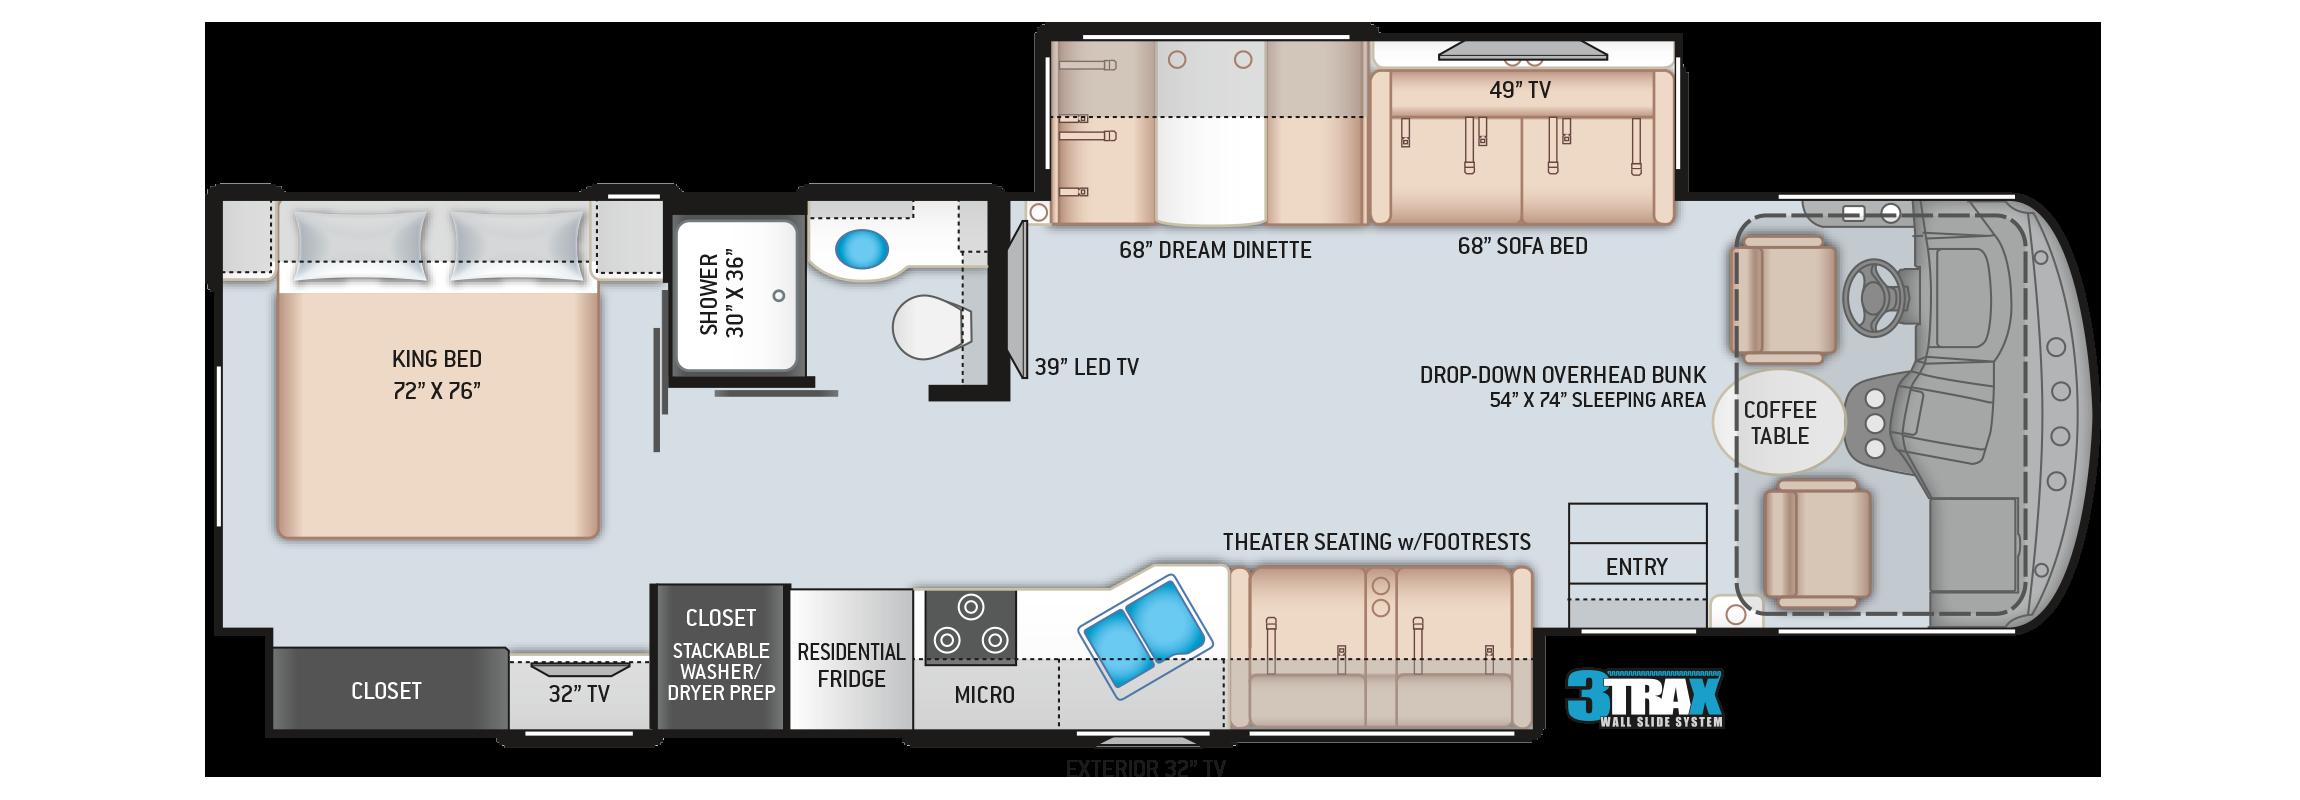 Windsport Class A Motorhome Floor Plan 34R